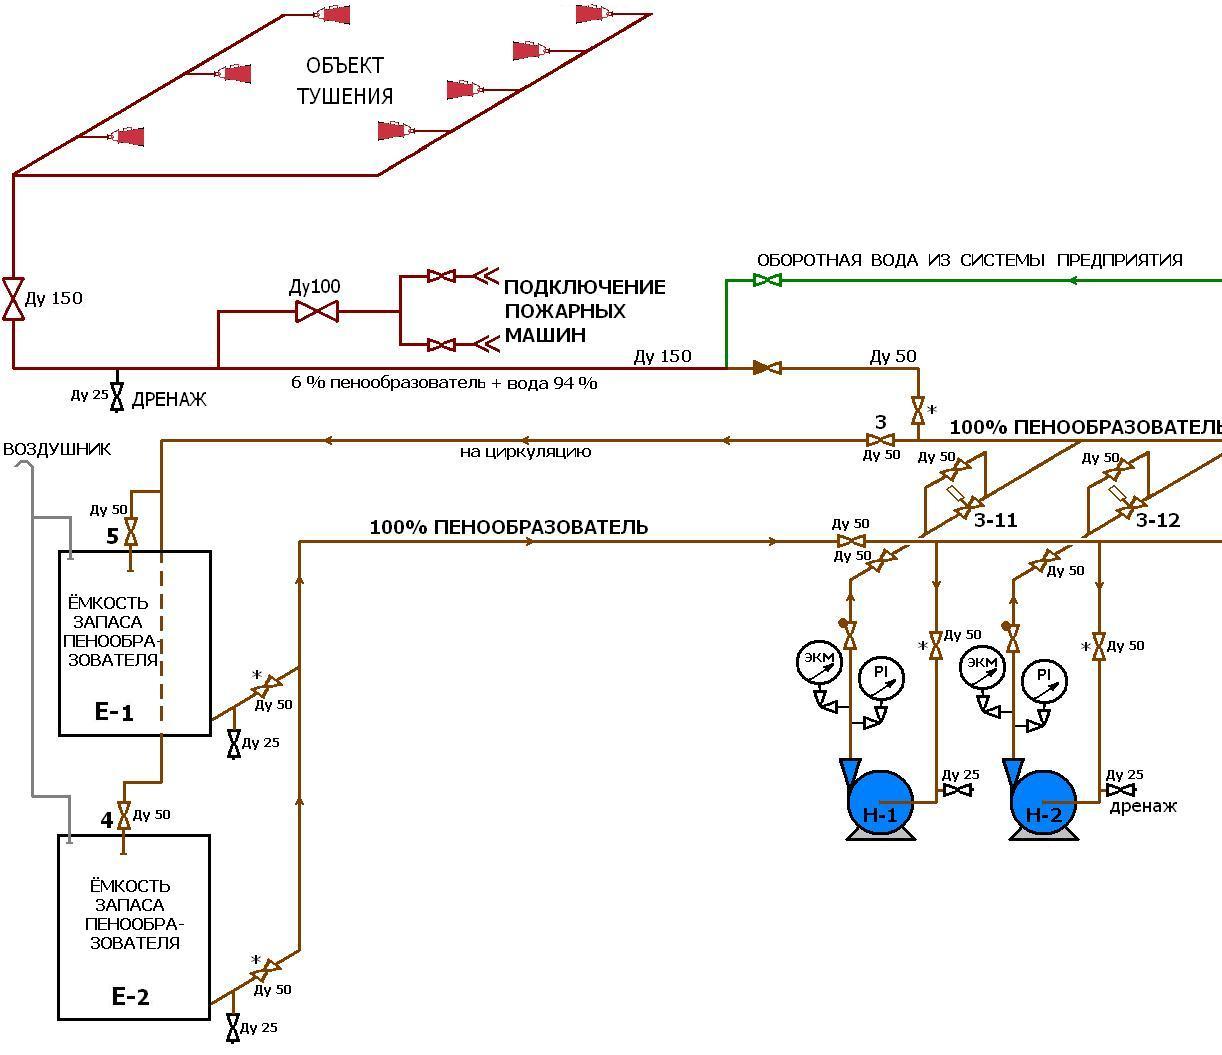 Схемы развертывания пожарного автомобиля